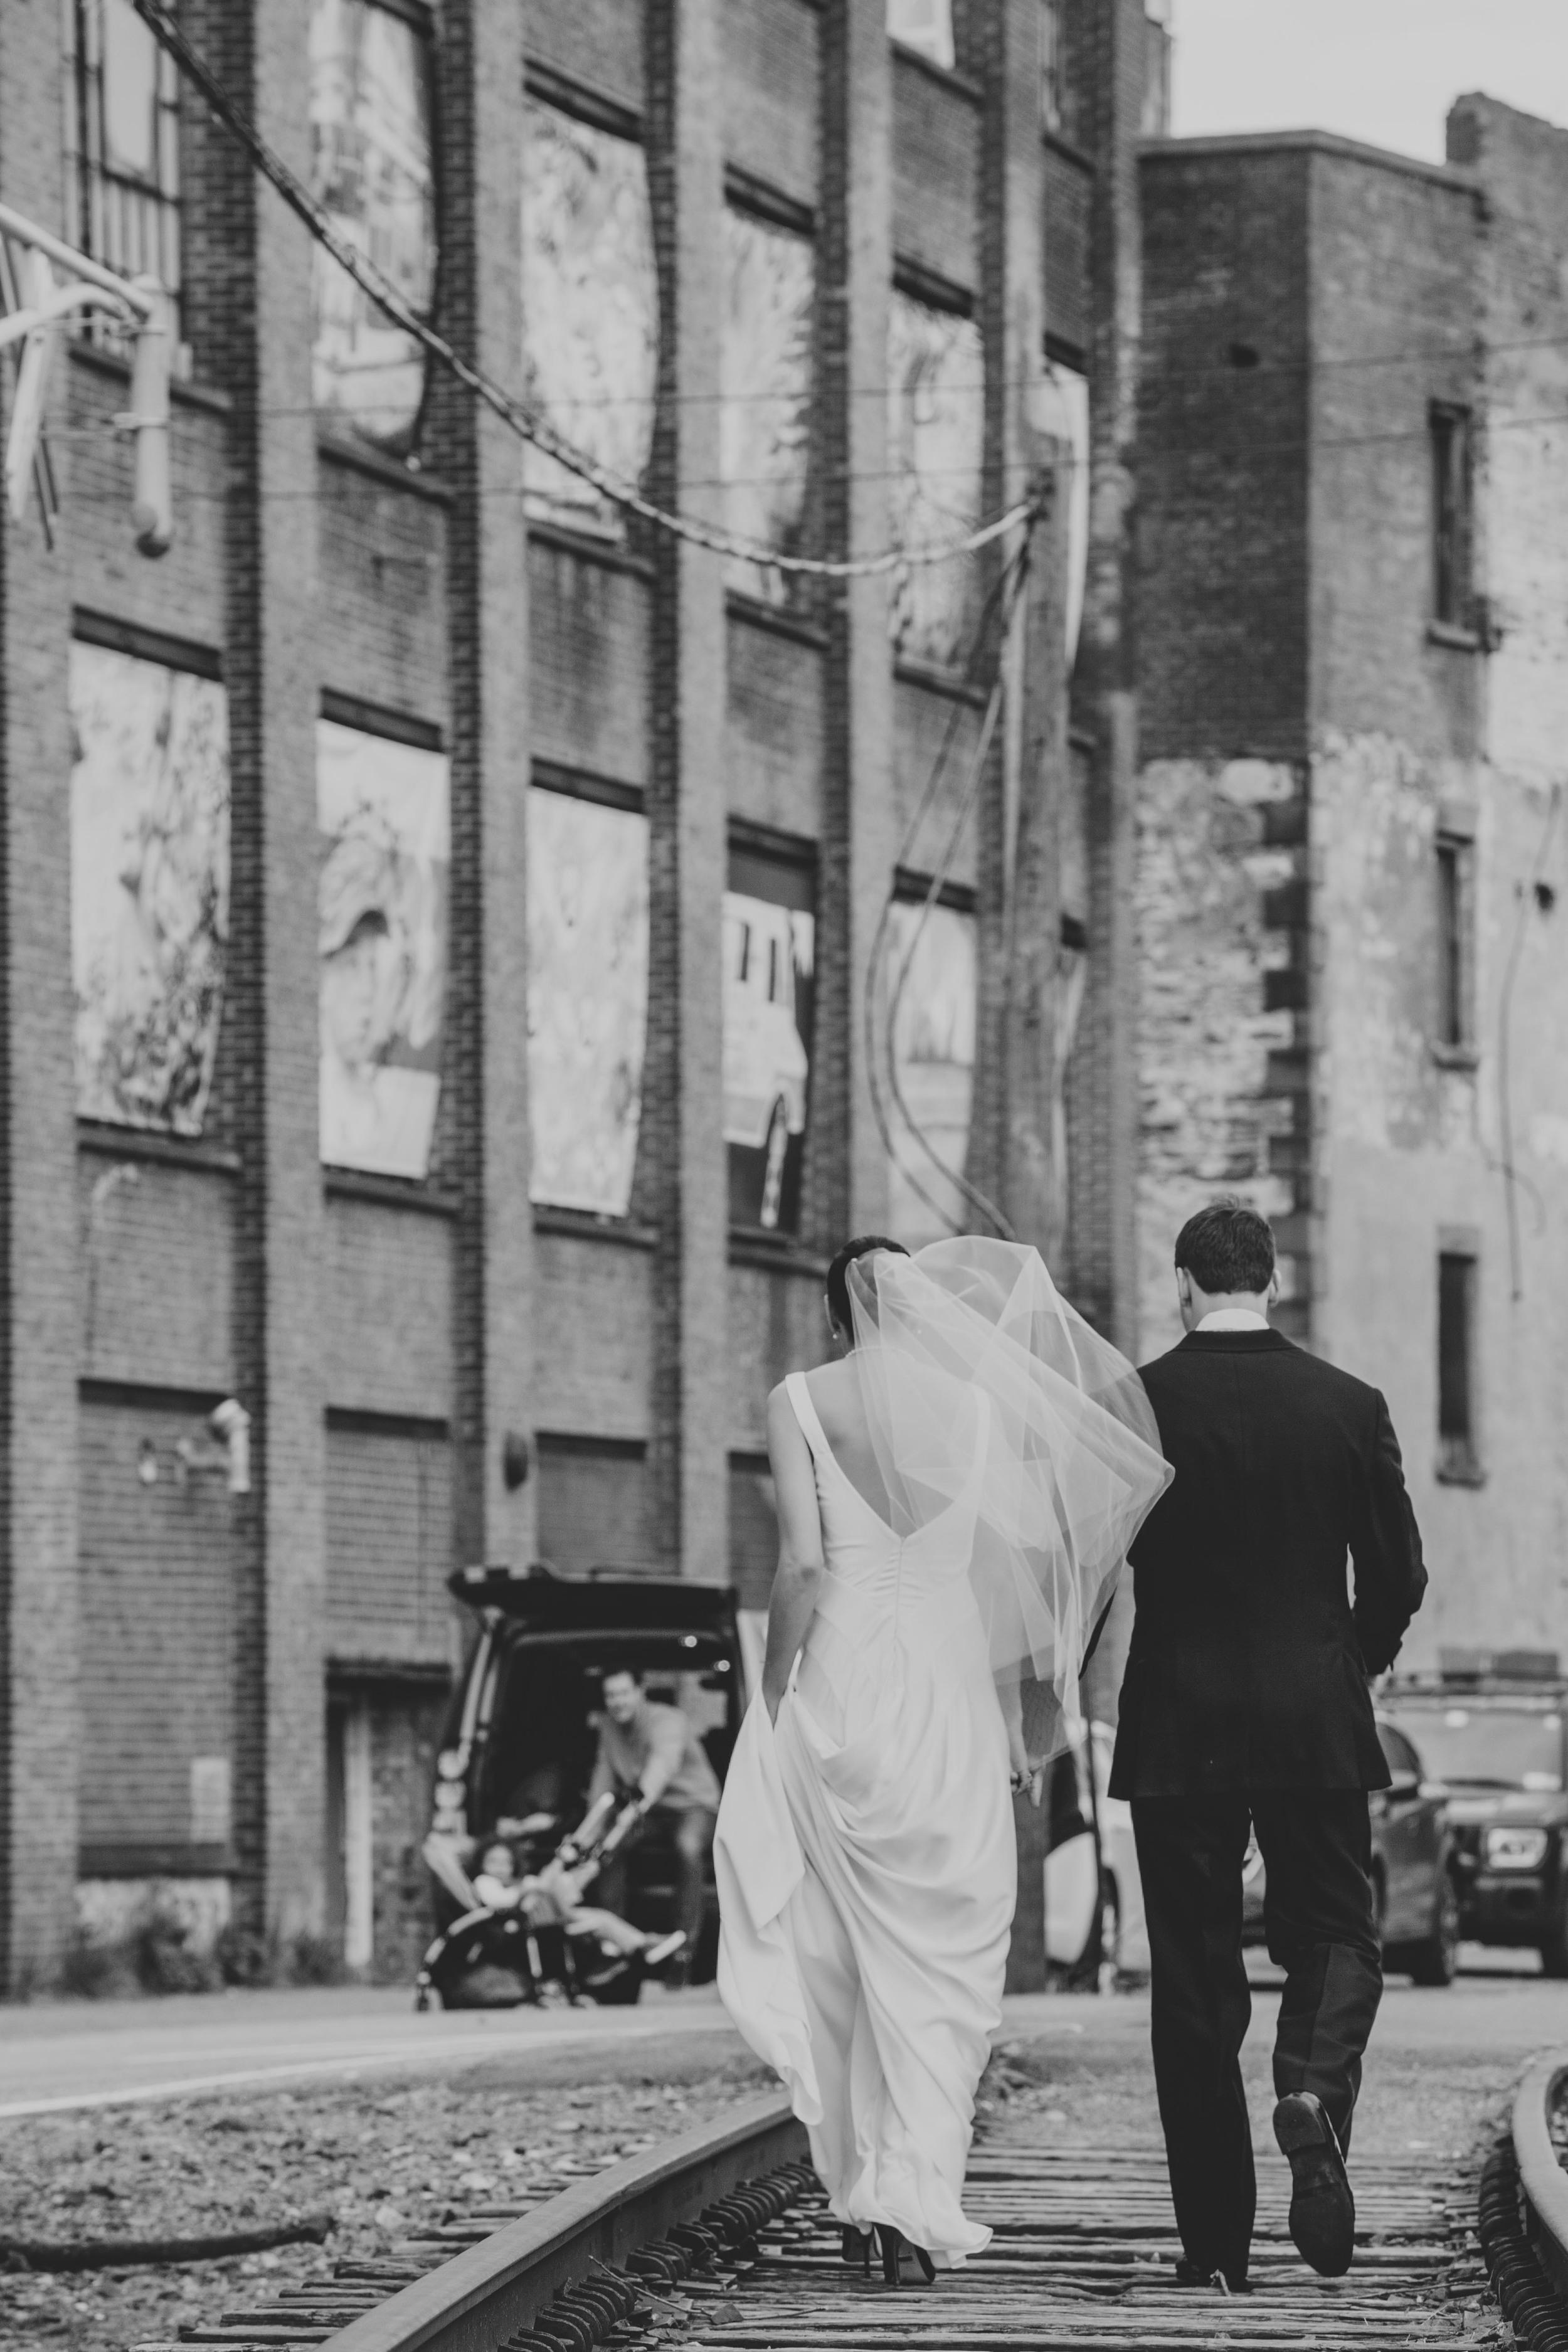 Elegant-Jewish-Wedding-Hudson-Valley-New-York-Documentary-Photography-Jacek-Dolata-6.jpg